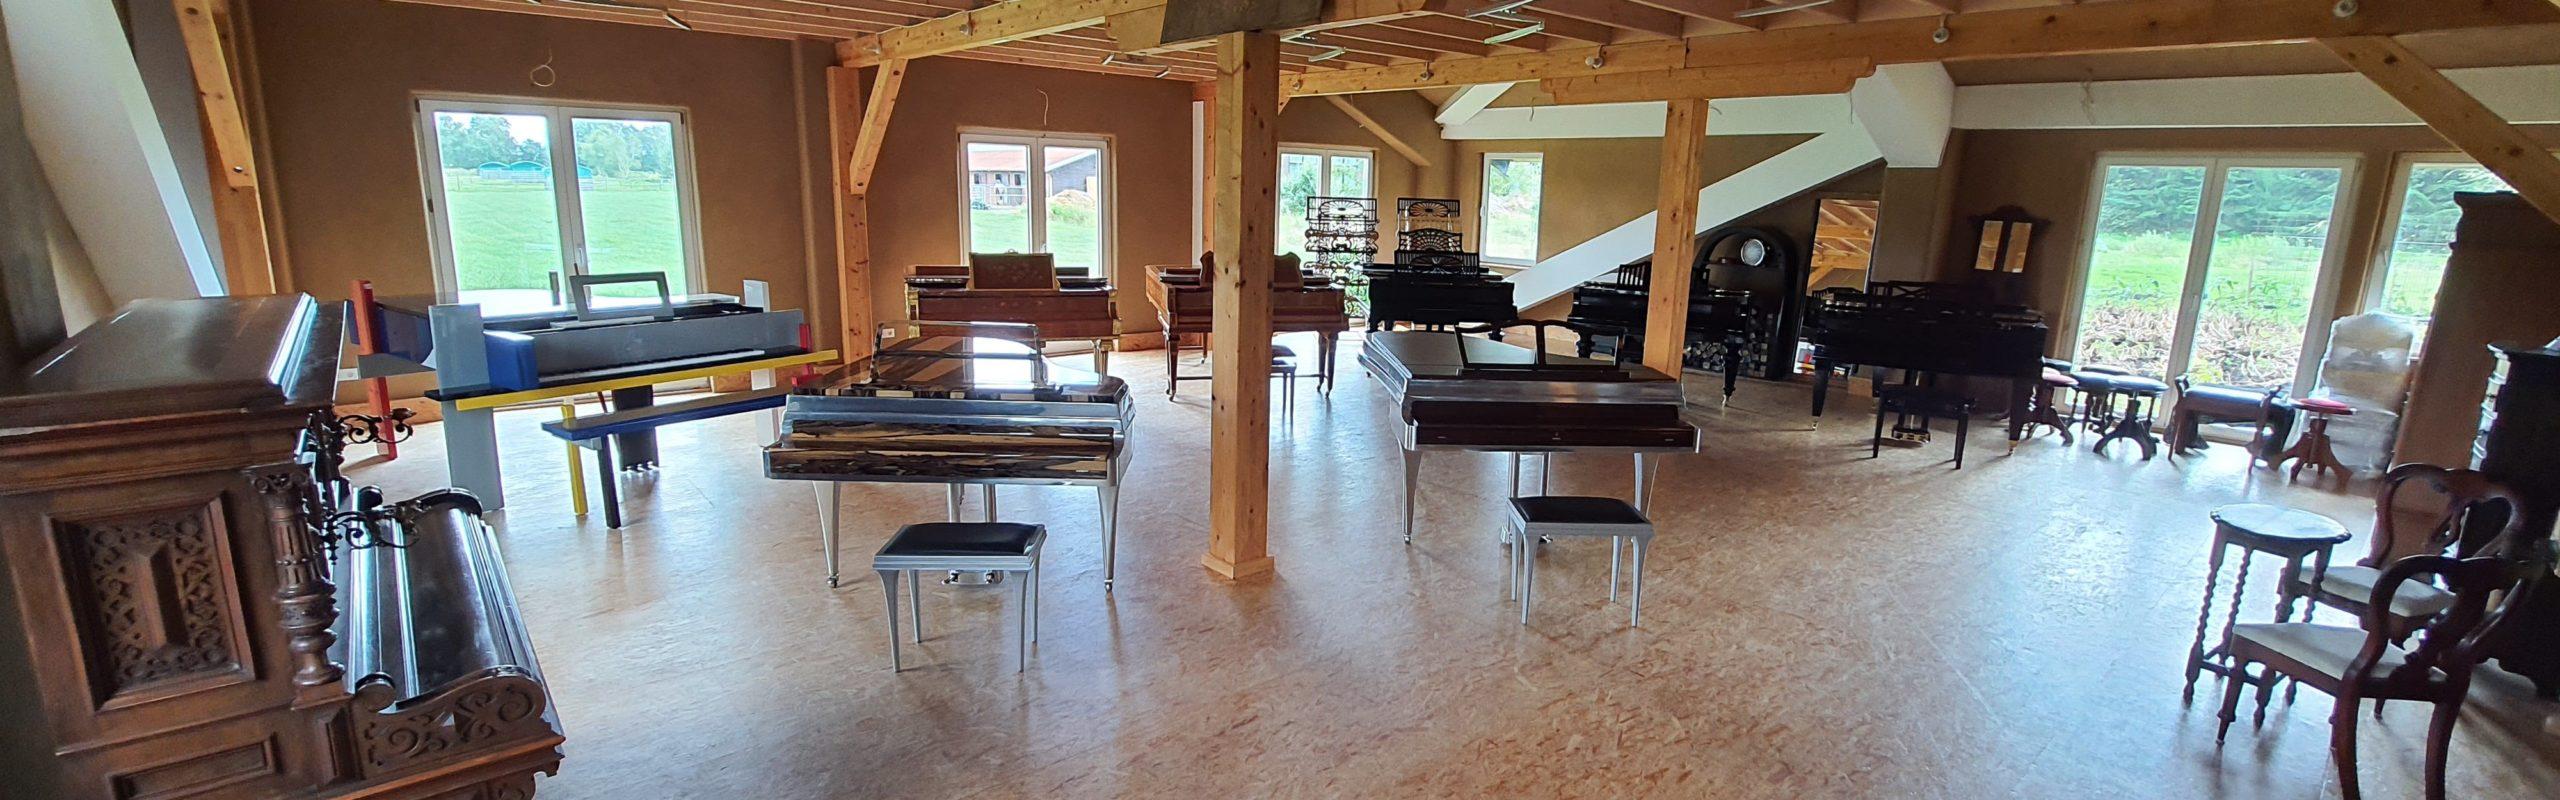 Pianova Instrumenten Ausstellung von Flügeln und Klavieren